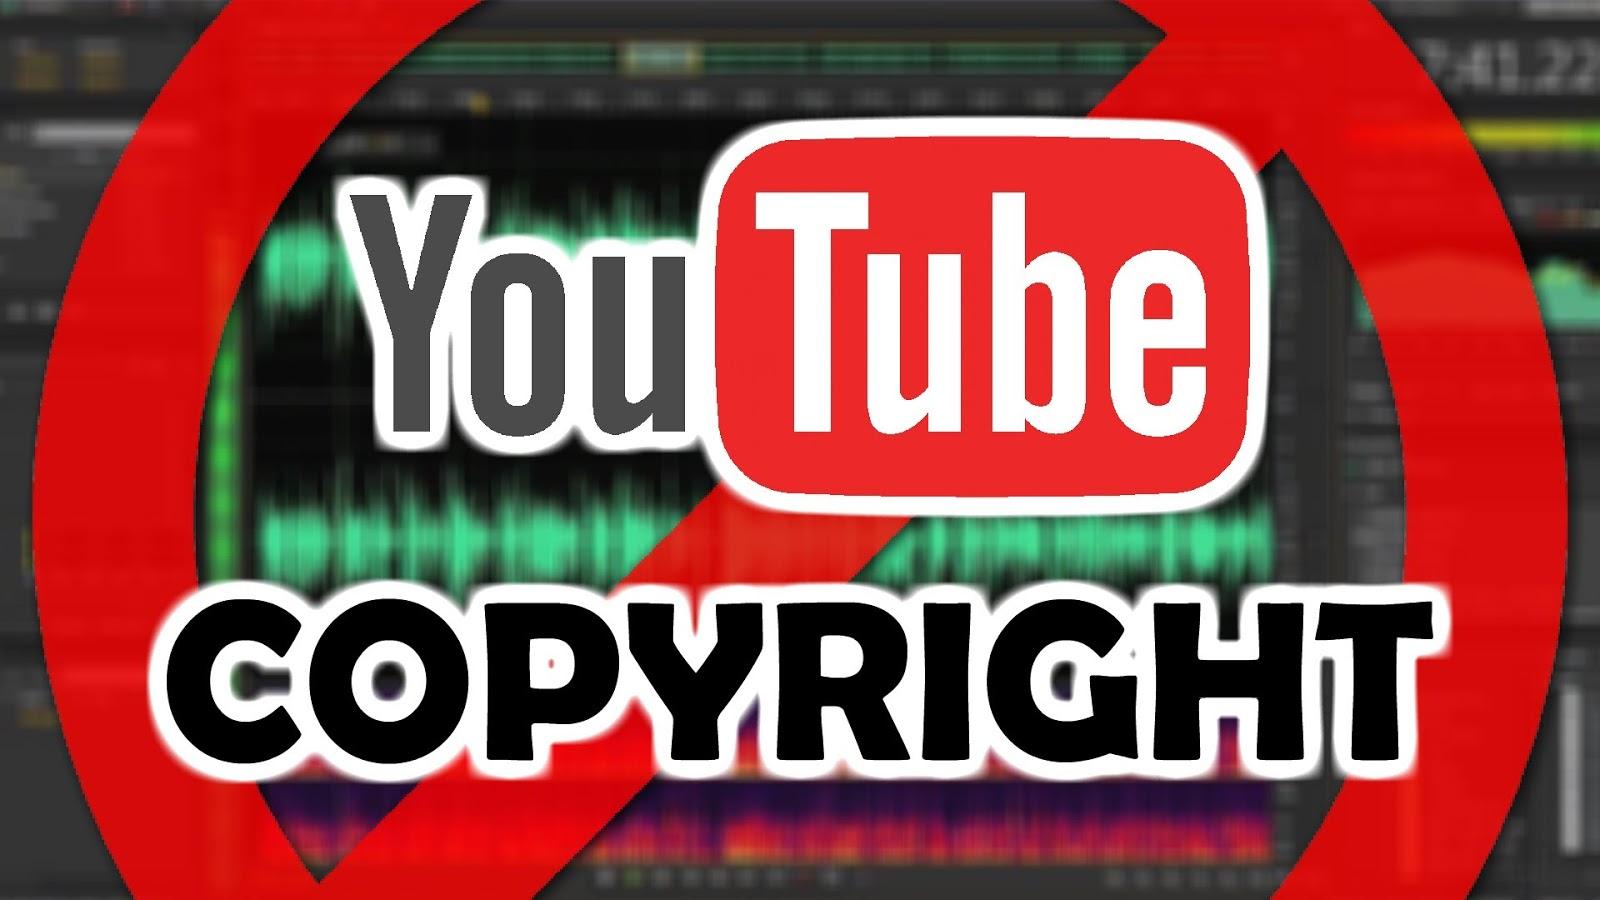 Solusi jika mengalami Gugatan Hak Cipta di akun Youtube terbaru 2017